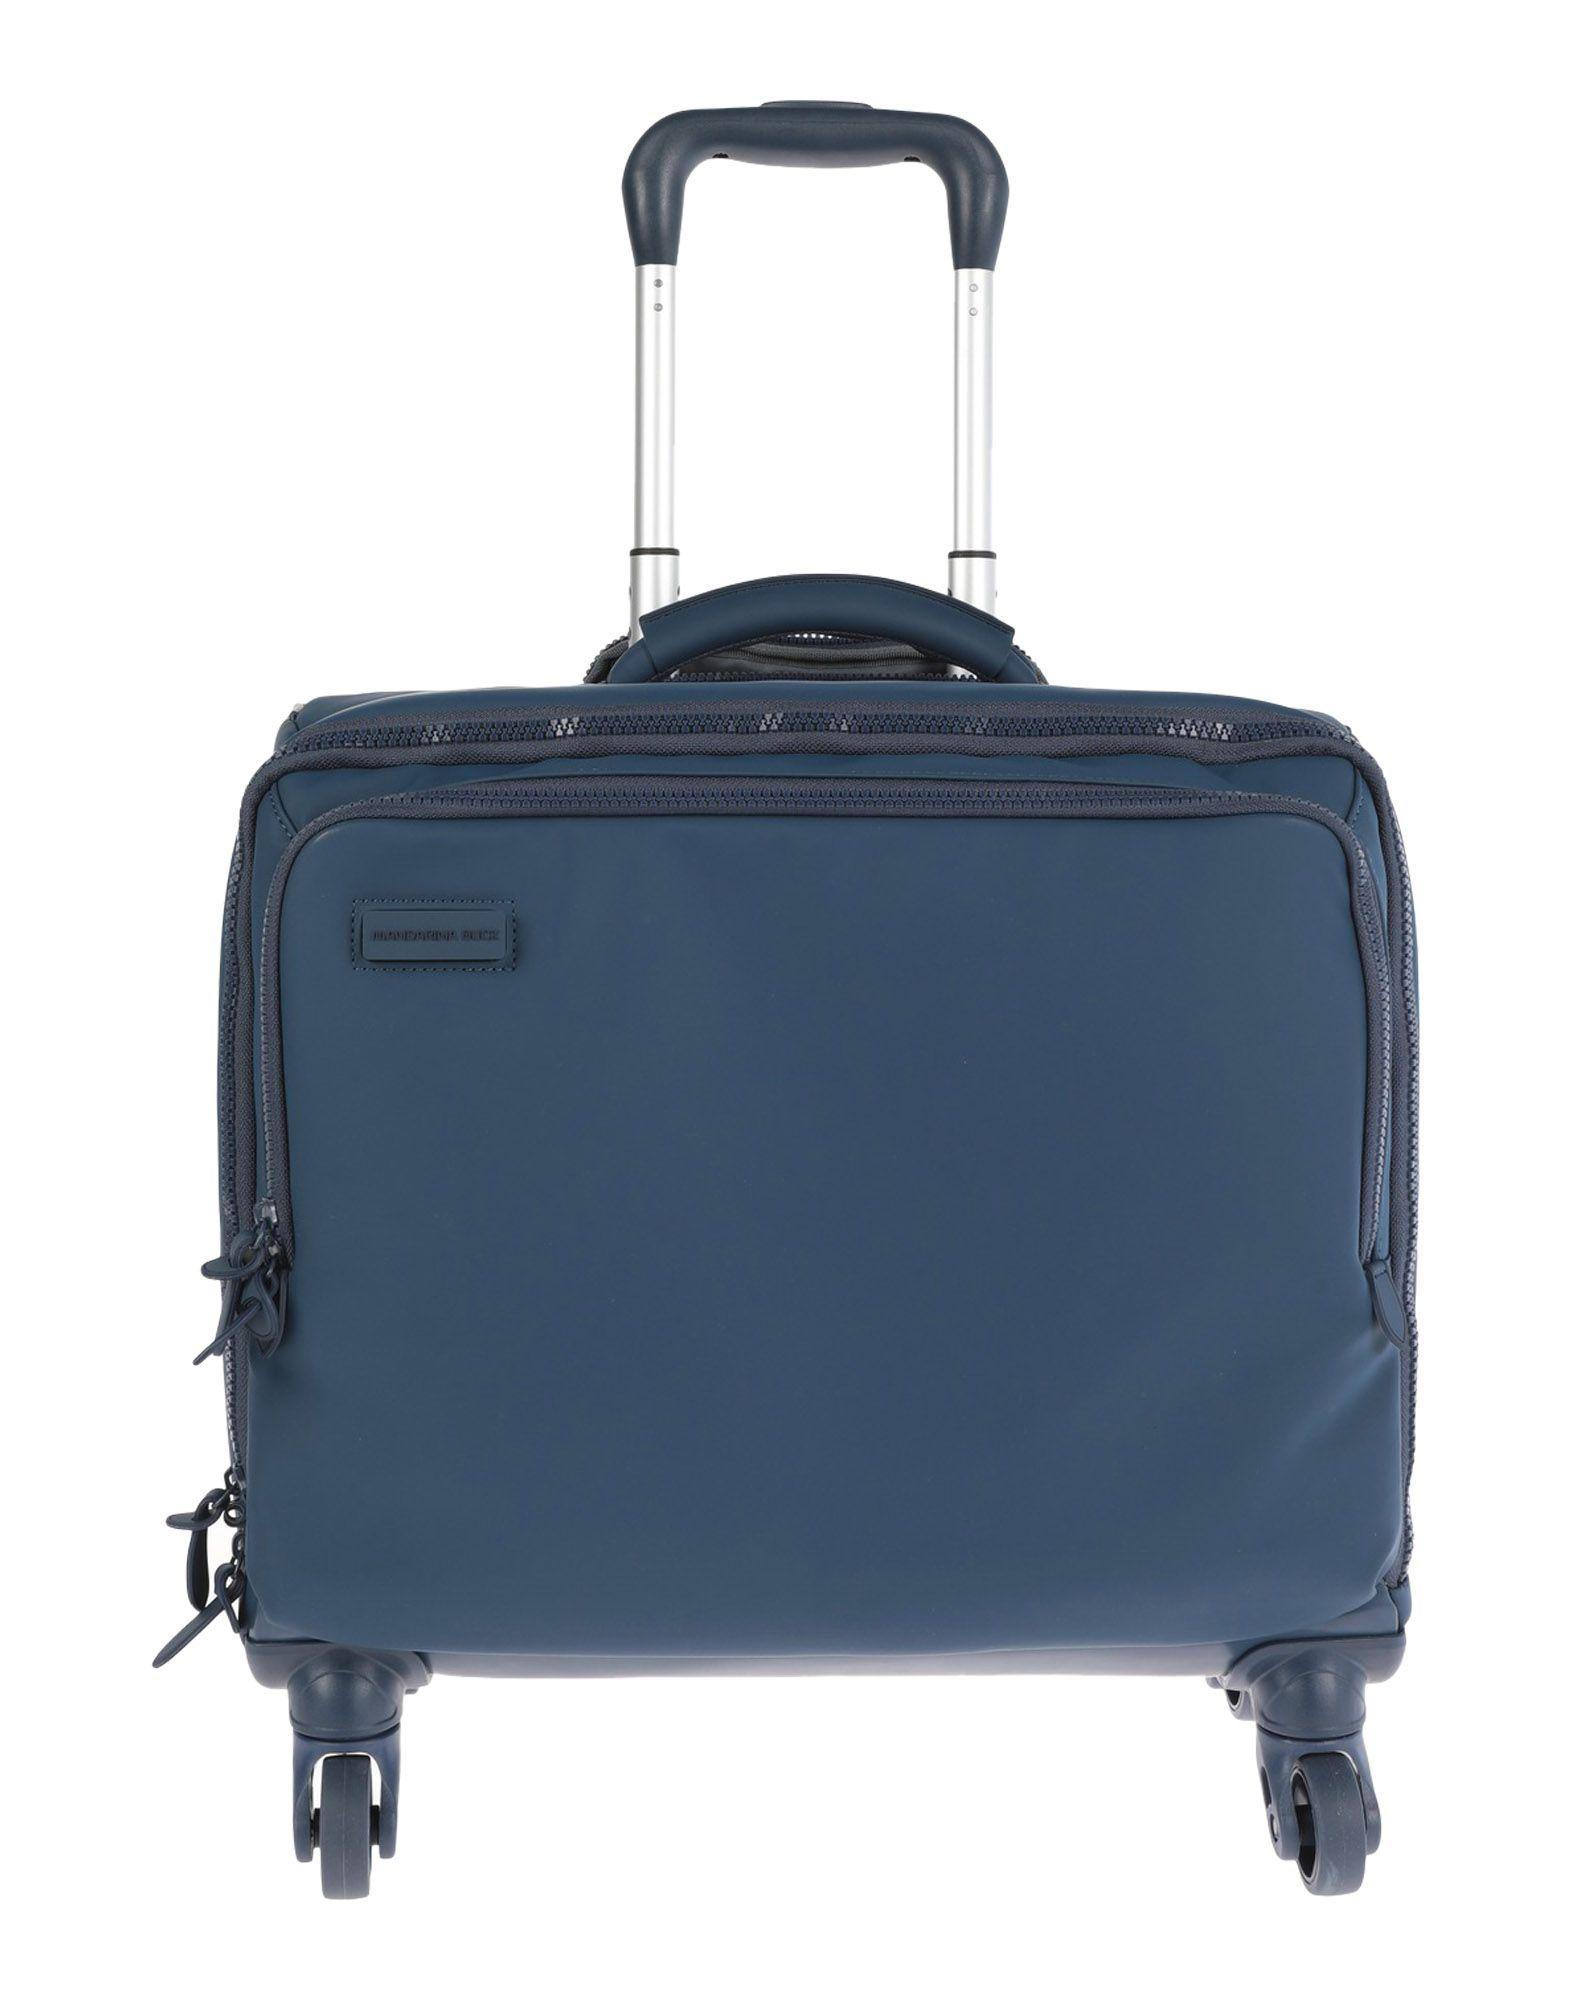 《期間限定セール中》MANDARINA DUCK レディース キャスター付きバッグ ブルーグレー 紡績繊維